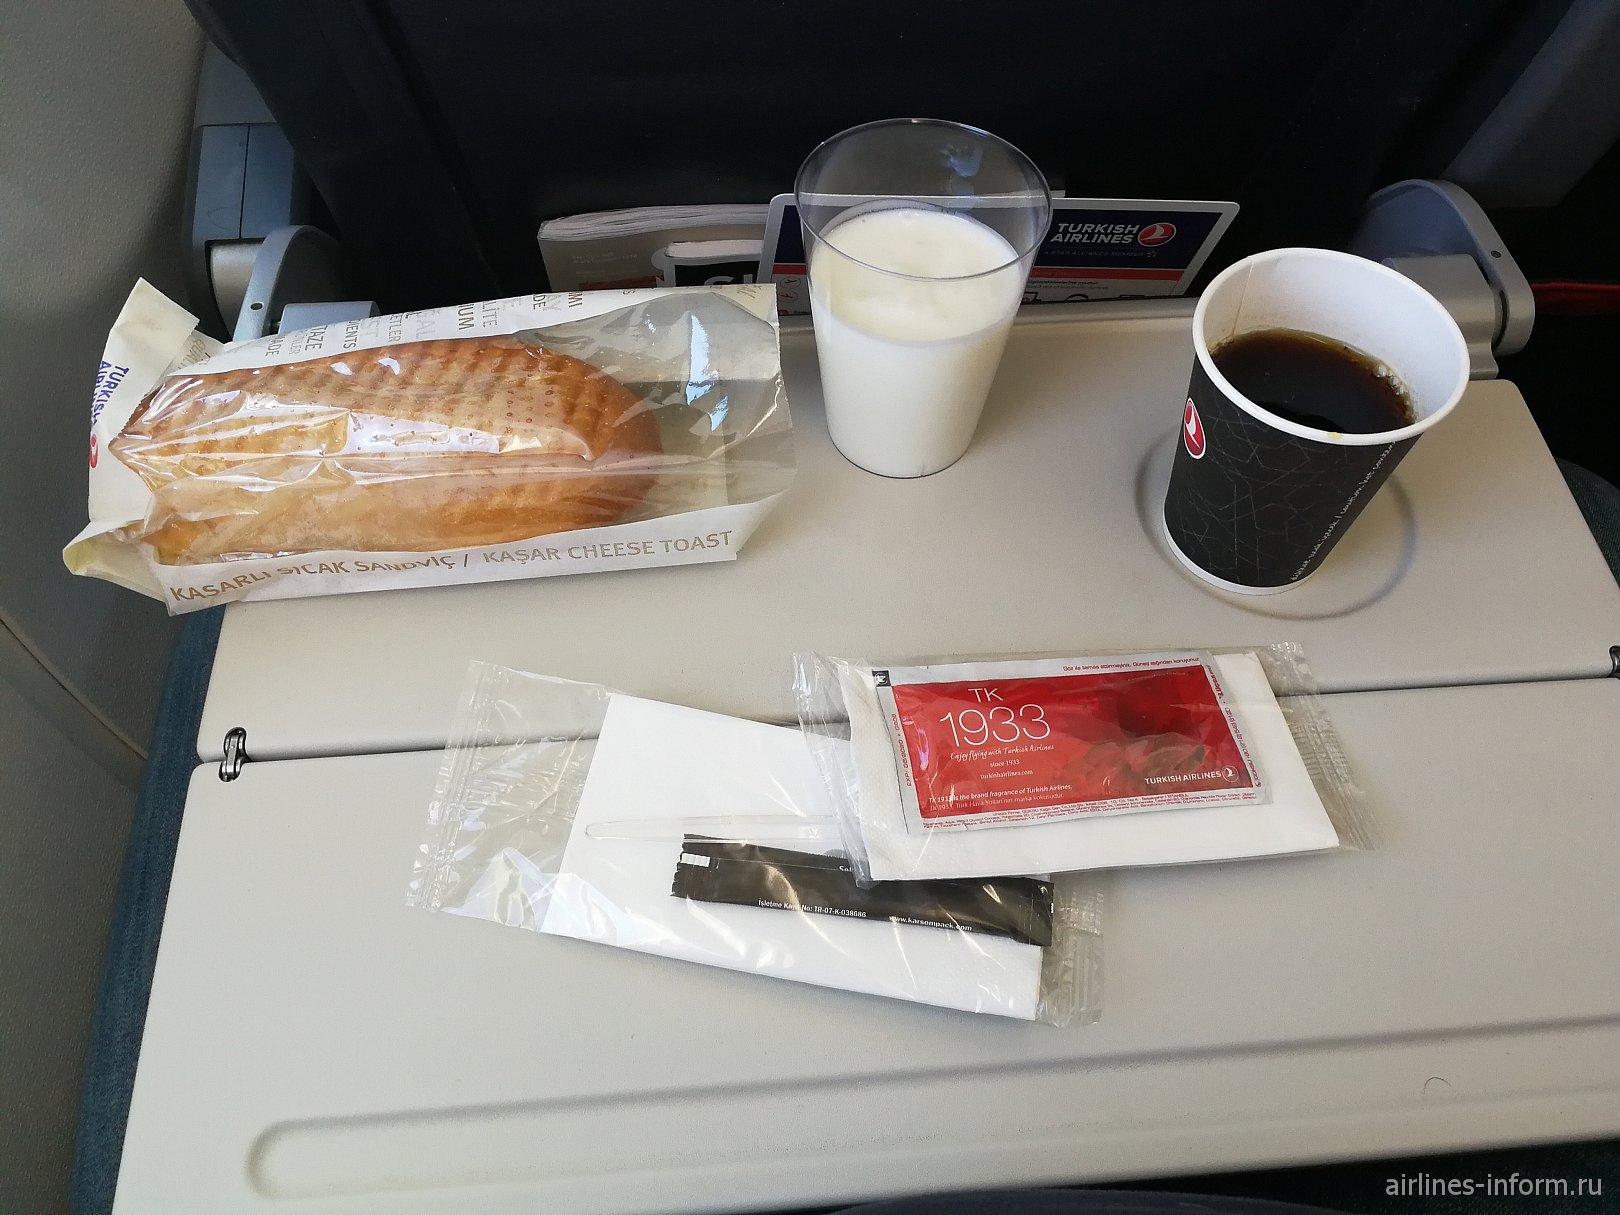 Бортовое питание эконом-класса на рейсе Стамбул-Анталья Турецких авиалиний